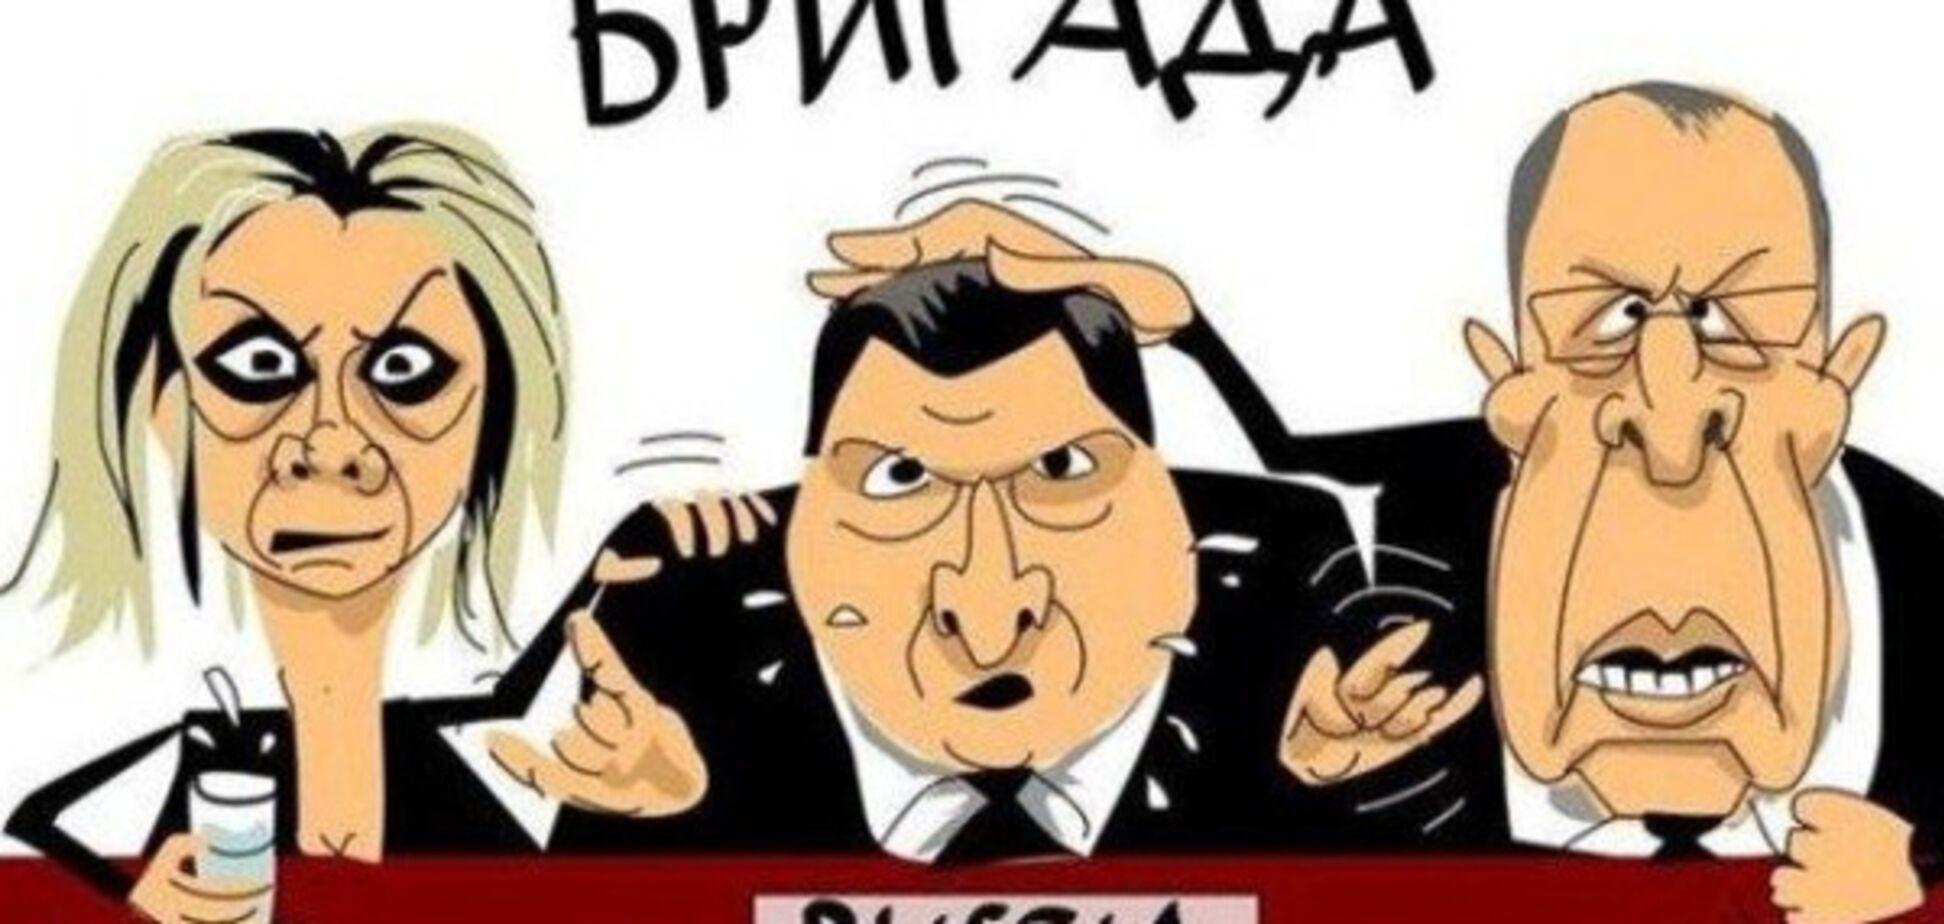 Владимир Сафронков, Сергей Лавров, Мария Захарова